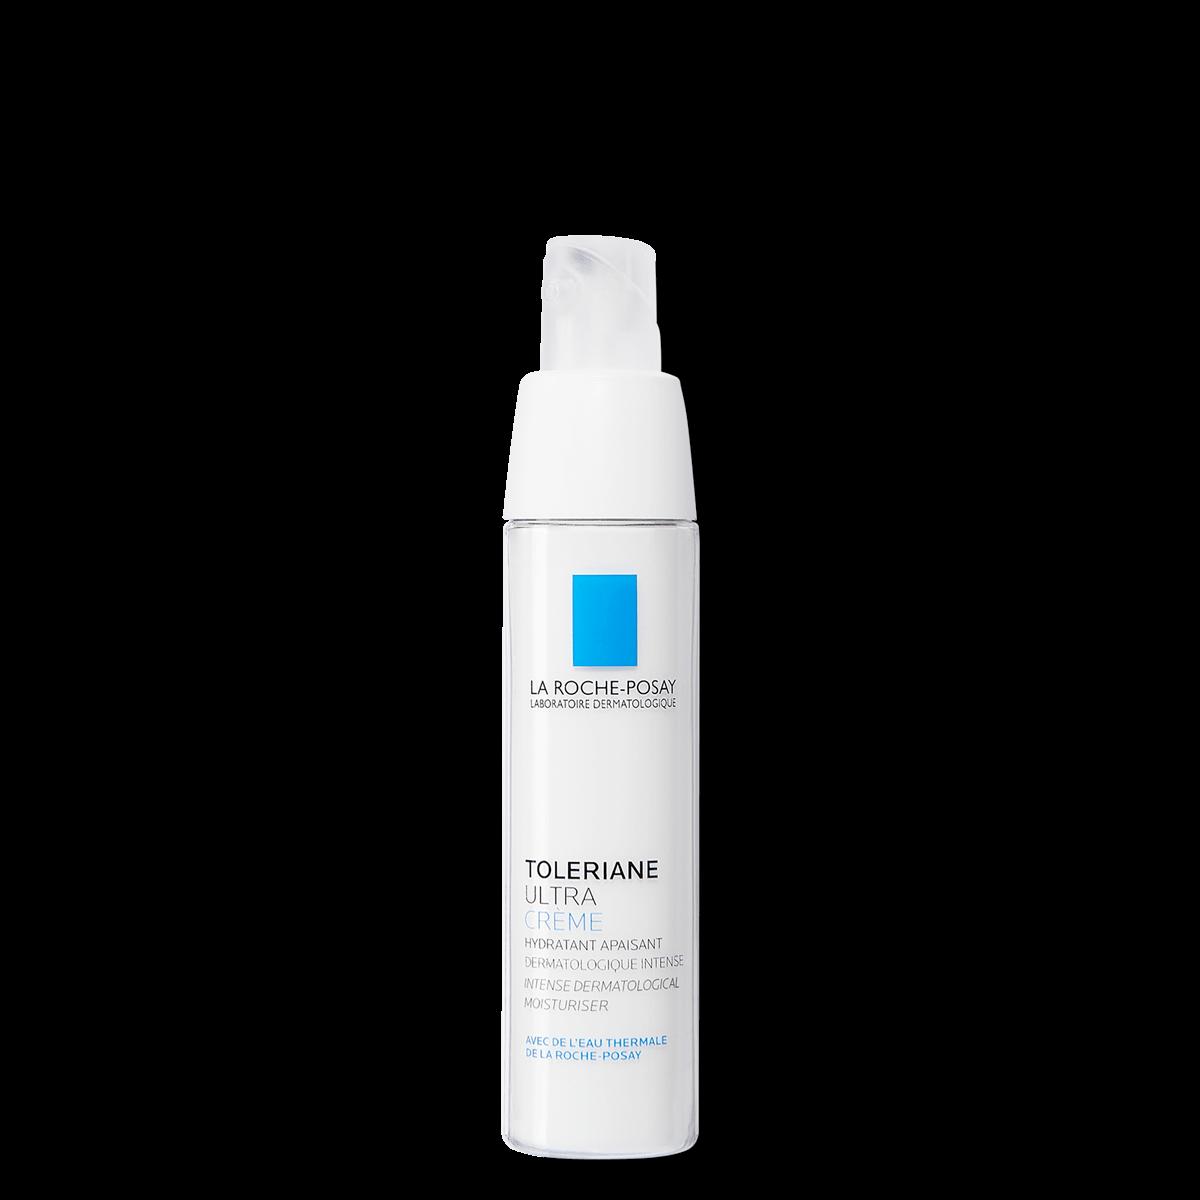 LaRochePosay Produkt Tendens til allergi Toleriane UltraCreme 40ml 3337872412486 FSS 2